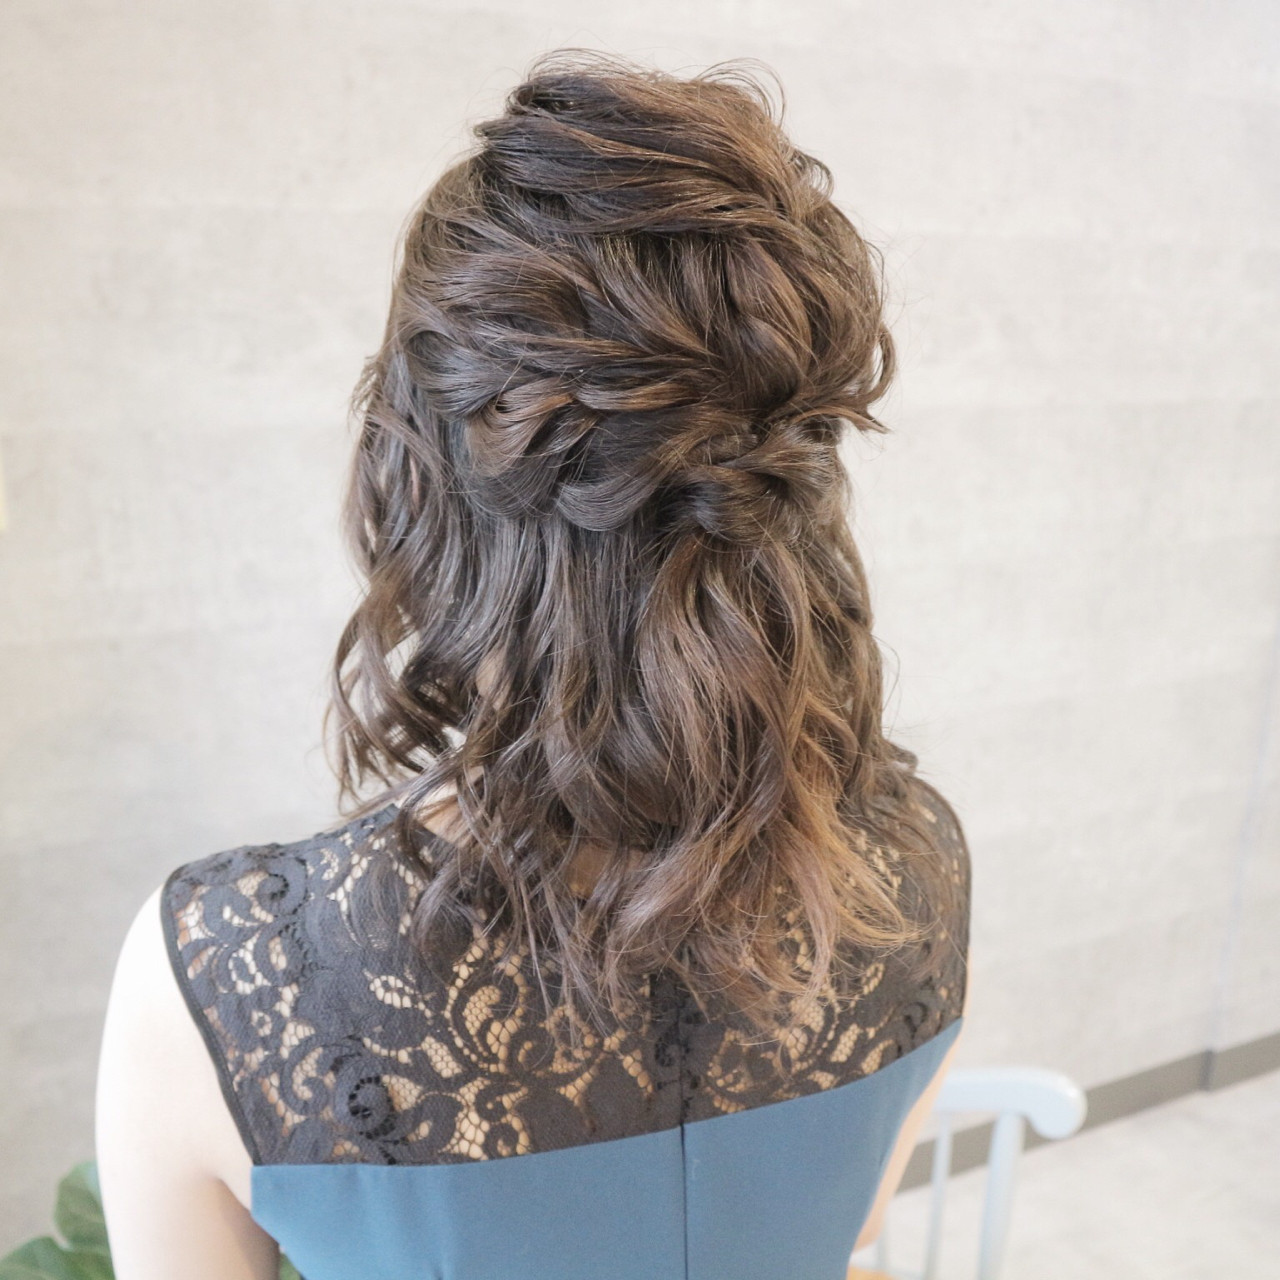 結婚式 エレガント セミロング 簡単ヘアアレンジ ヘアスタイルや髪型の写真・画像 | 桑村亮太/CALIF hair store / 函館/CALIF hair store/キャリフ ヘアストア